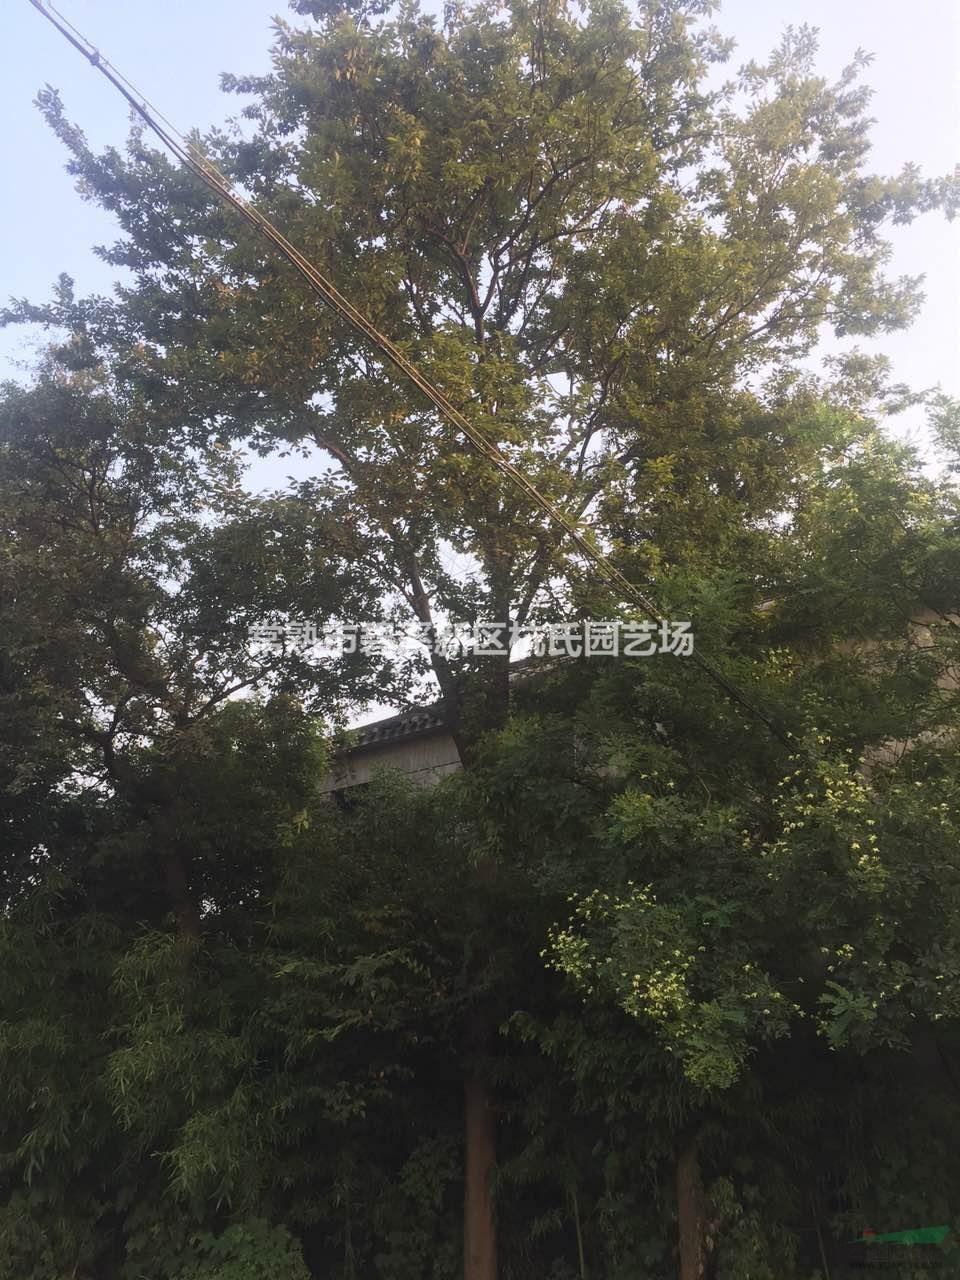 江苏[产品]/江苏胸径25公分榉树20价格/报价